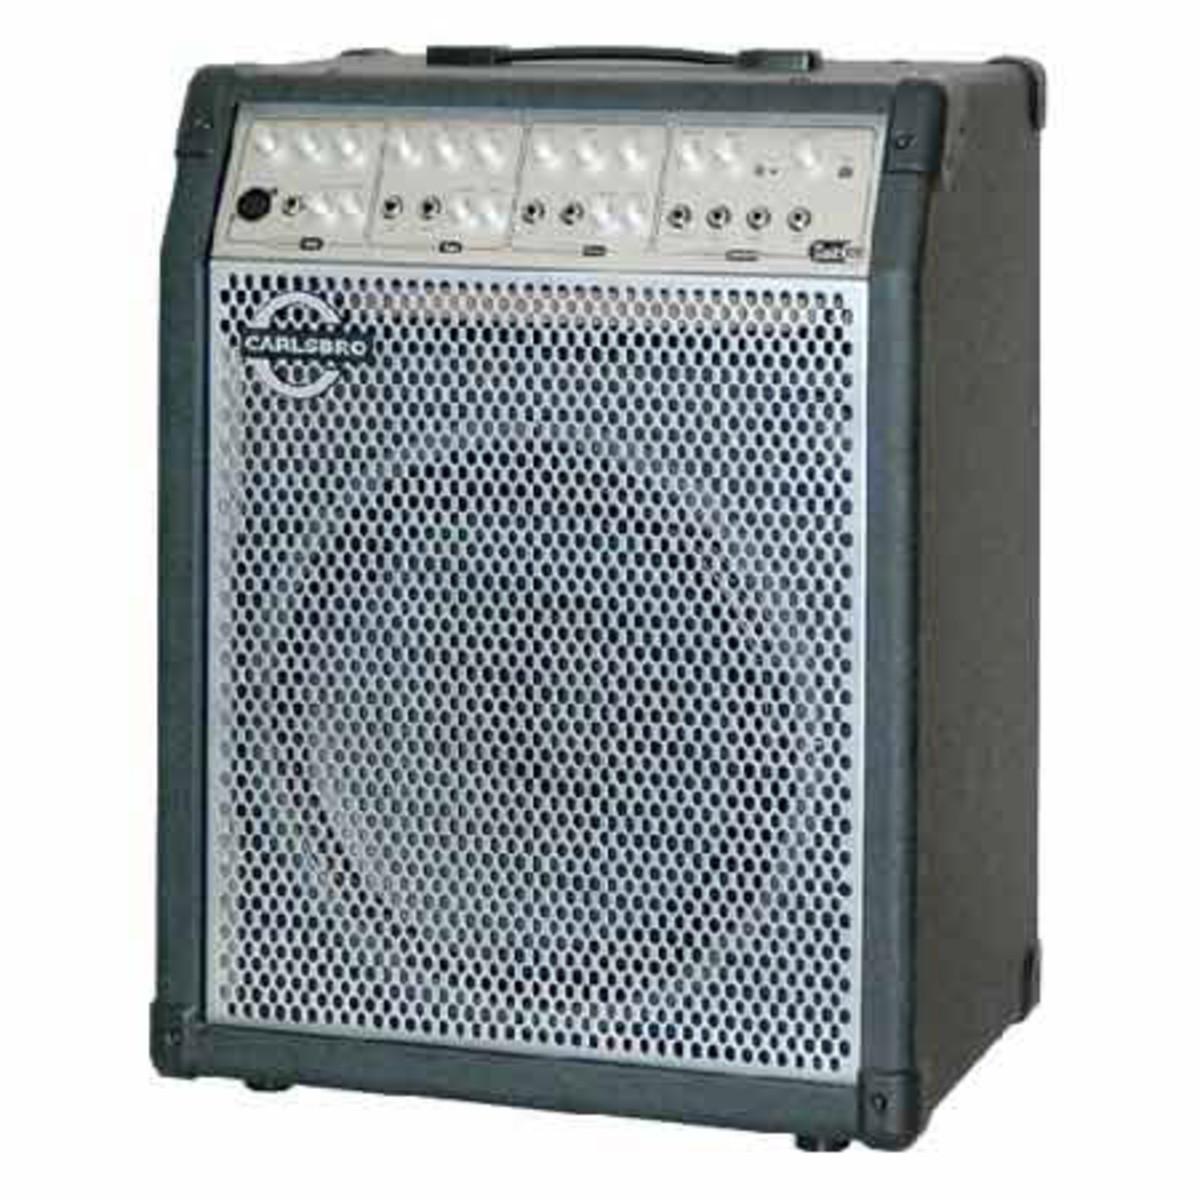 carlsbro colt 120 keyboard amplifier at gear4music. Black Bedroom Furniture Sets. Home Design Ideas